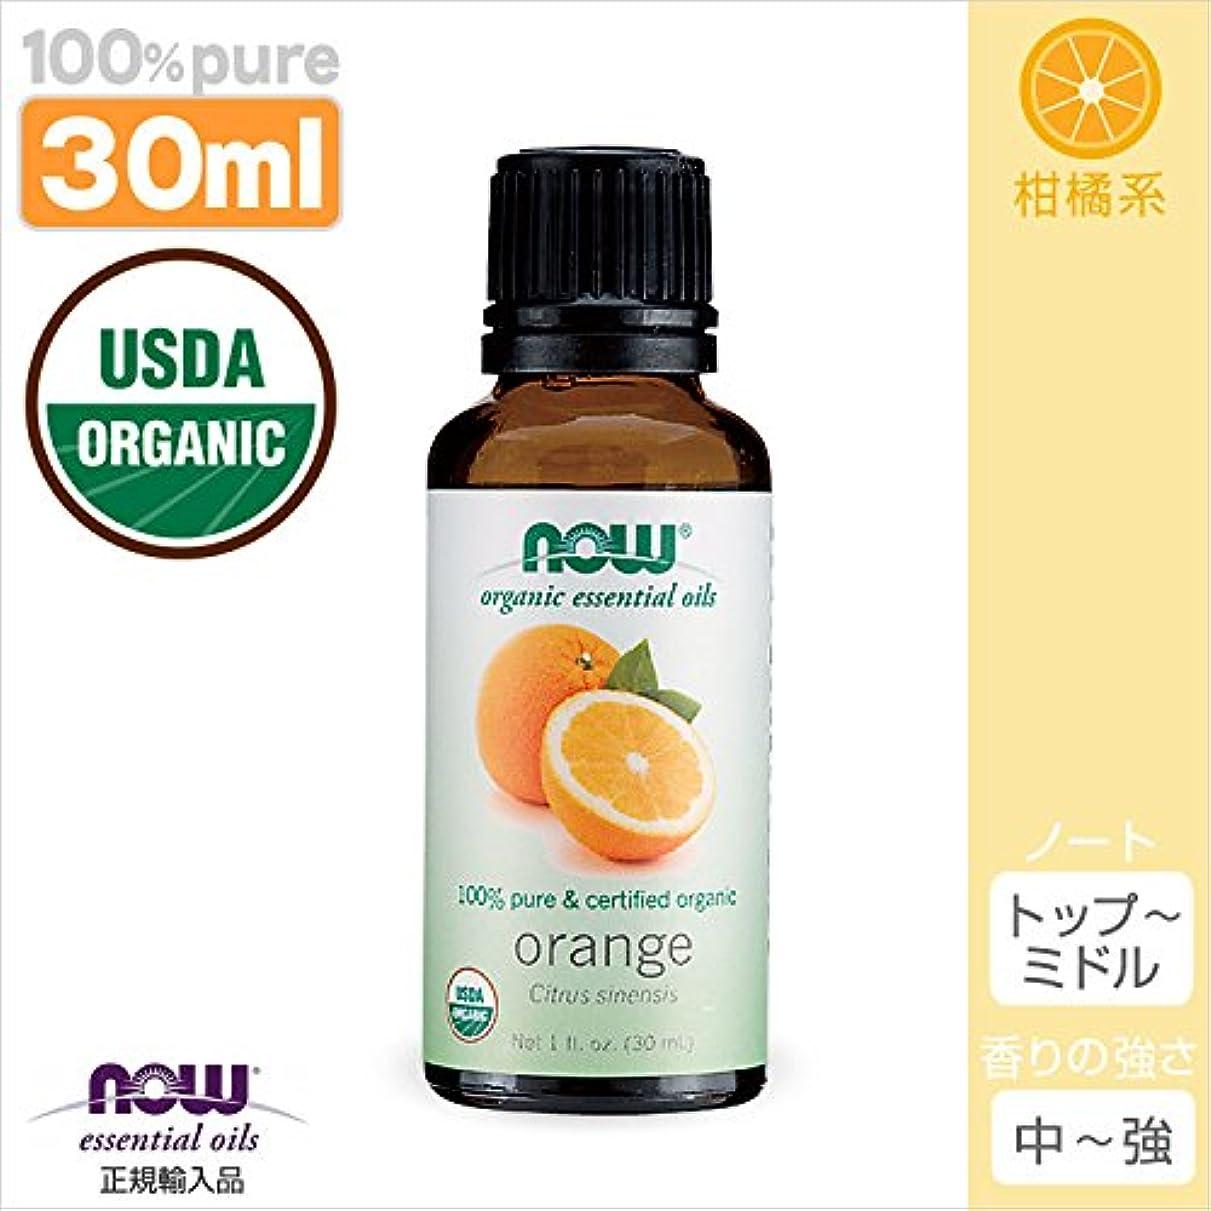 作動する脅かすフルーツ野菜オレンジ精油オーガニック[30ml] 【正規輸入品】 NOWエッセンシャルオイル(アロマオイル)